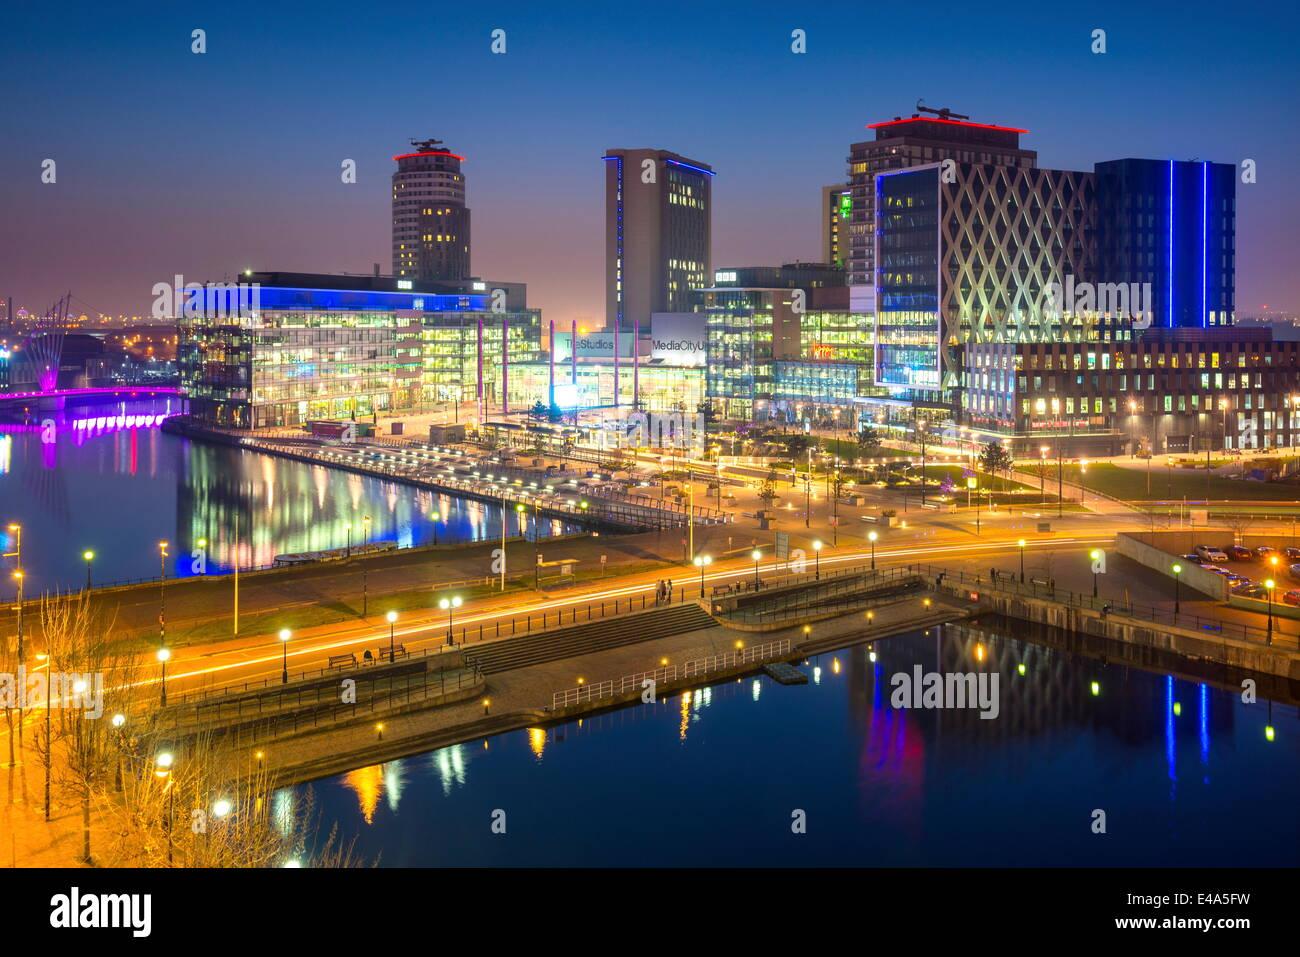 Vista elevada del moderno complejo MediaCity UK en Salford Quays, en Manchester, Inglaterra, Reino Unido, Europa Imagen De Stock